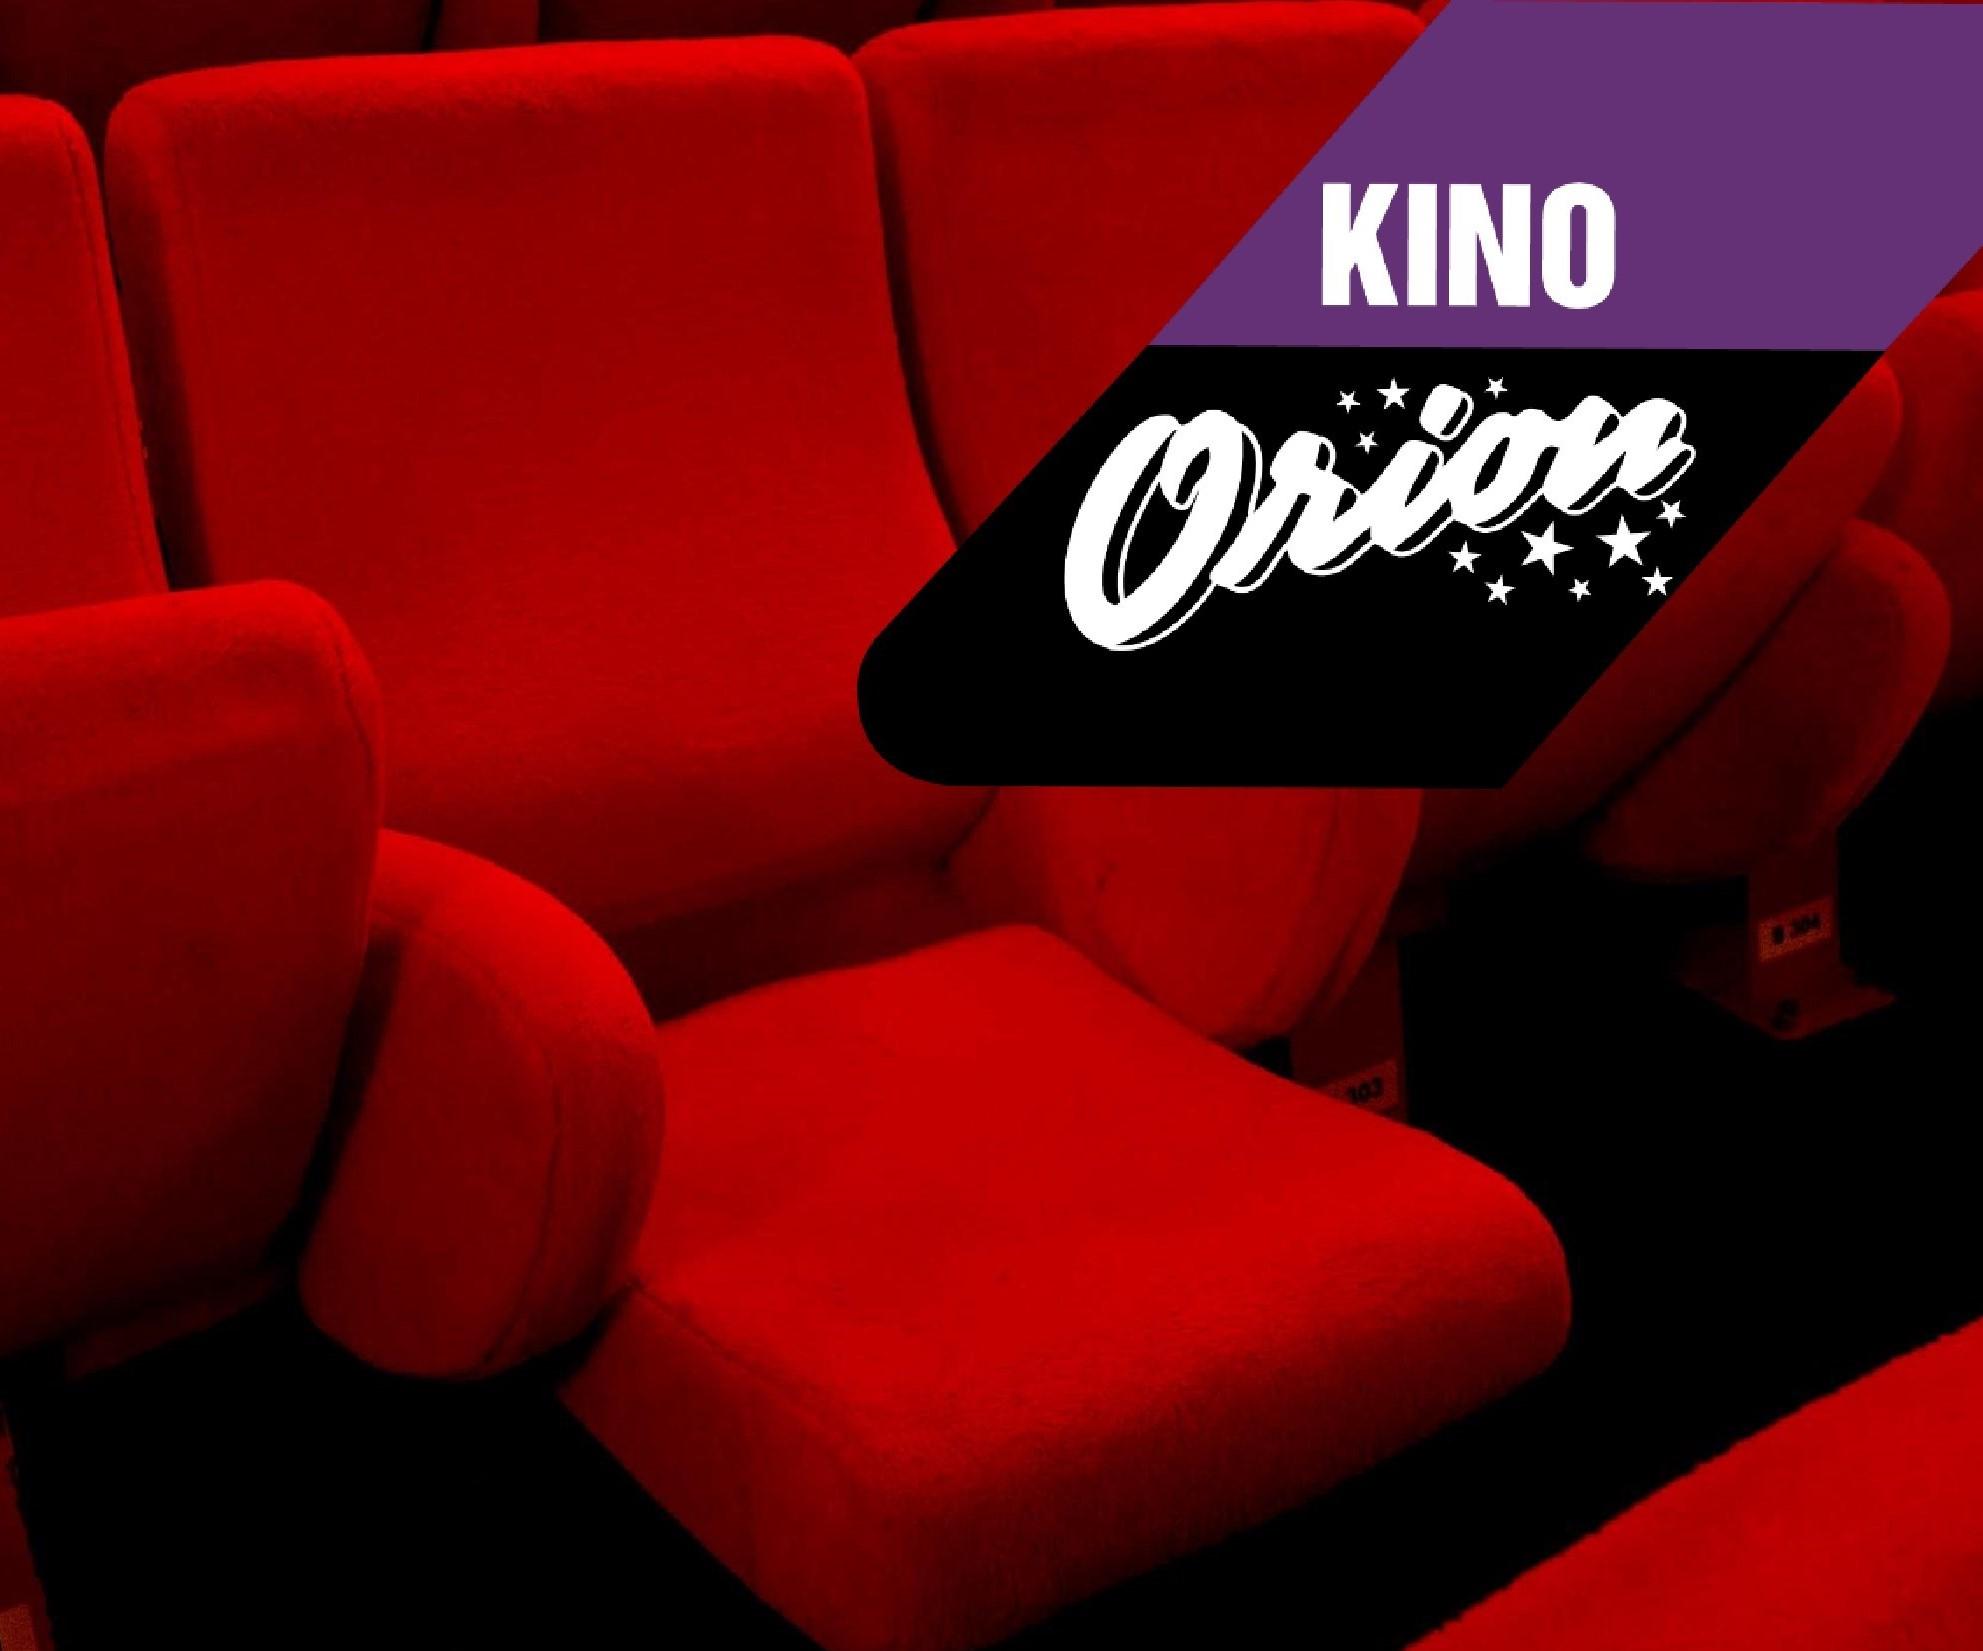 Warum haben Kinos rote Stühle?